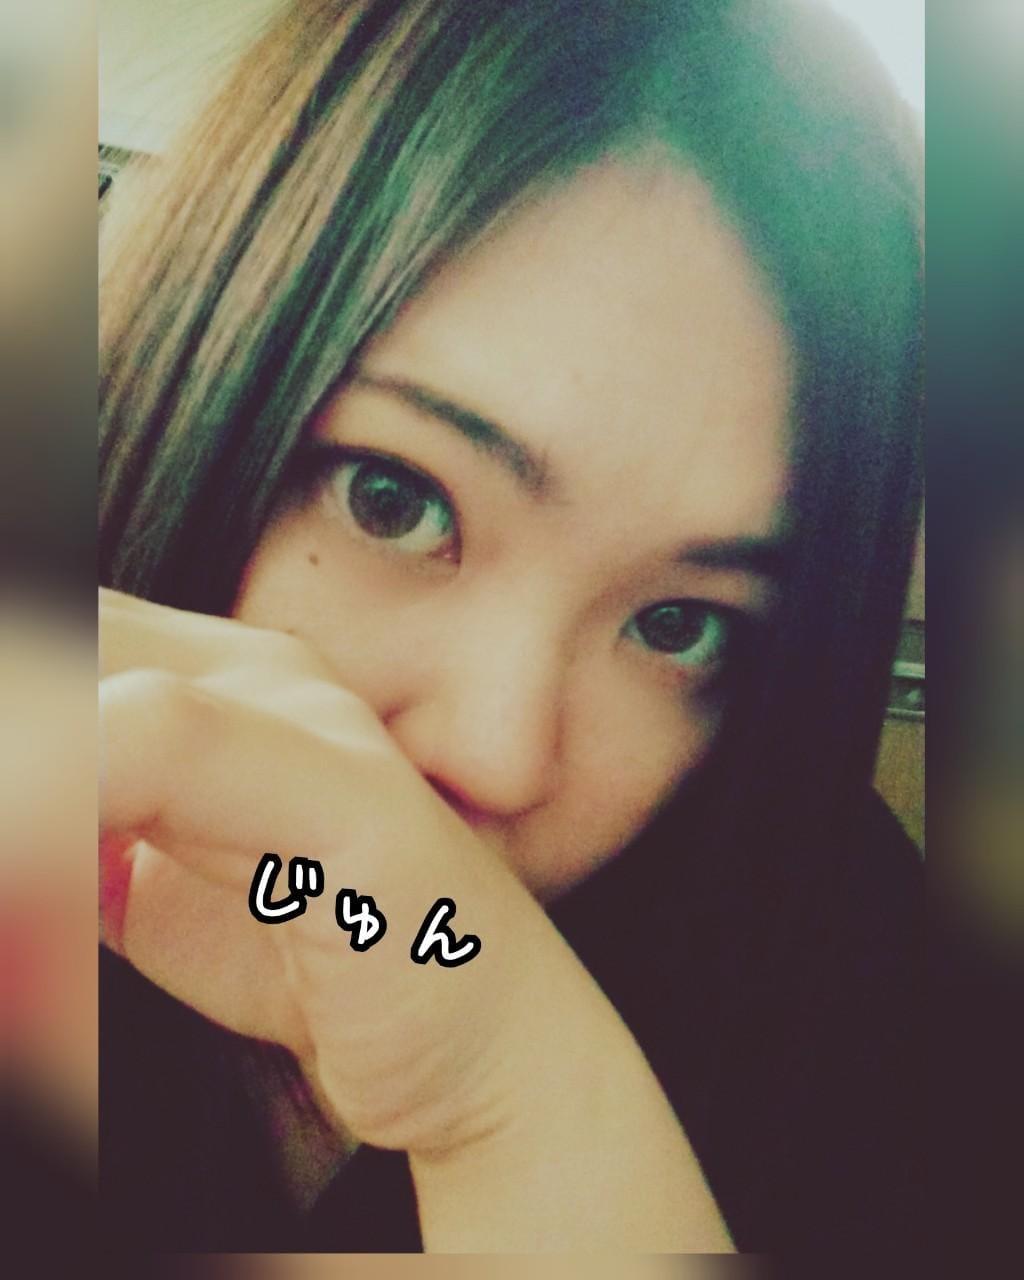 「しゅーりょん☆」07/19(07/19) 22:26 | じゅん@キス濡れ膣内絶叫即イキの写メ・風俗動画